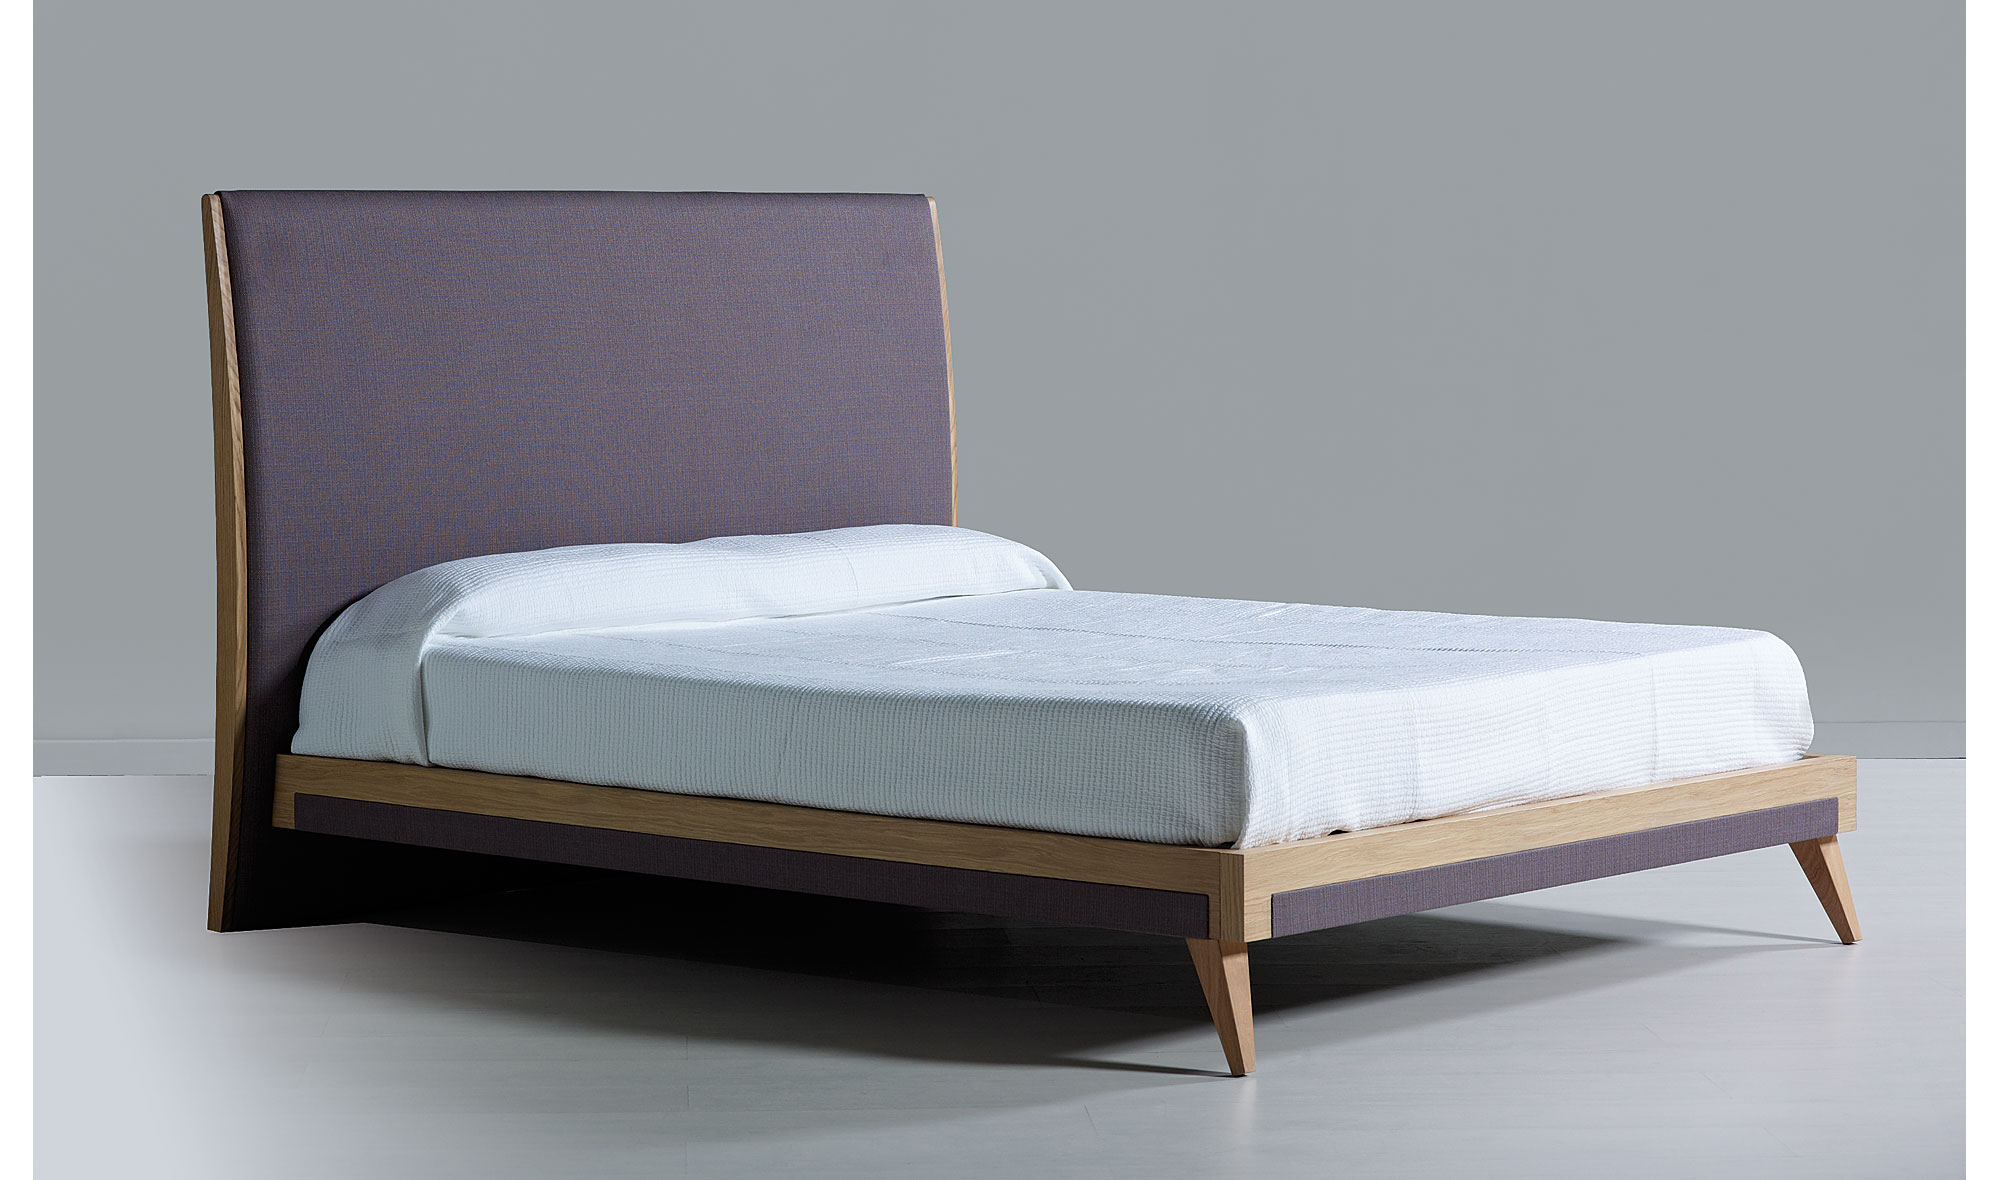 Cabeceros y camas de madera de lujo en portobellodeluxe - Camas y cabeceros ...